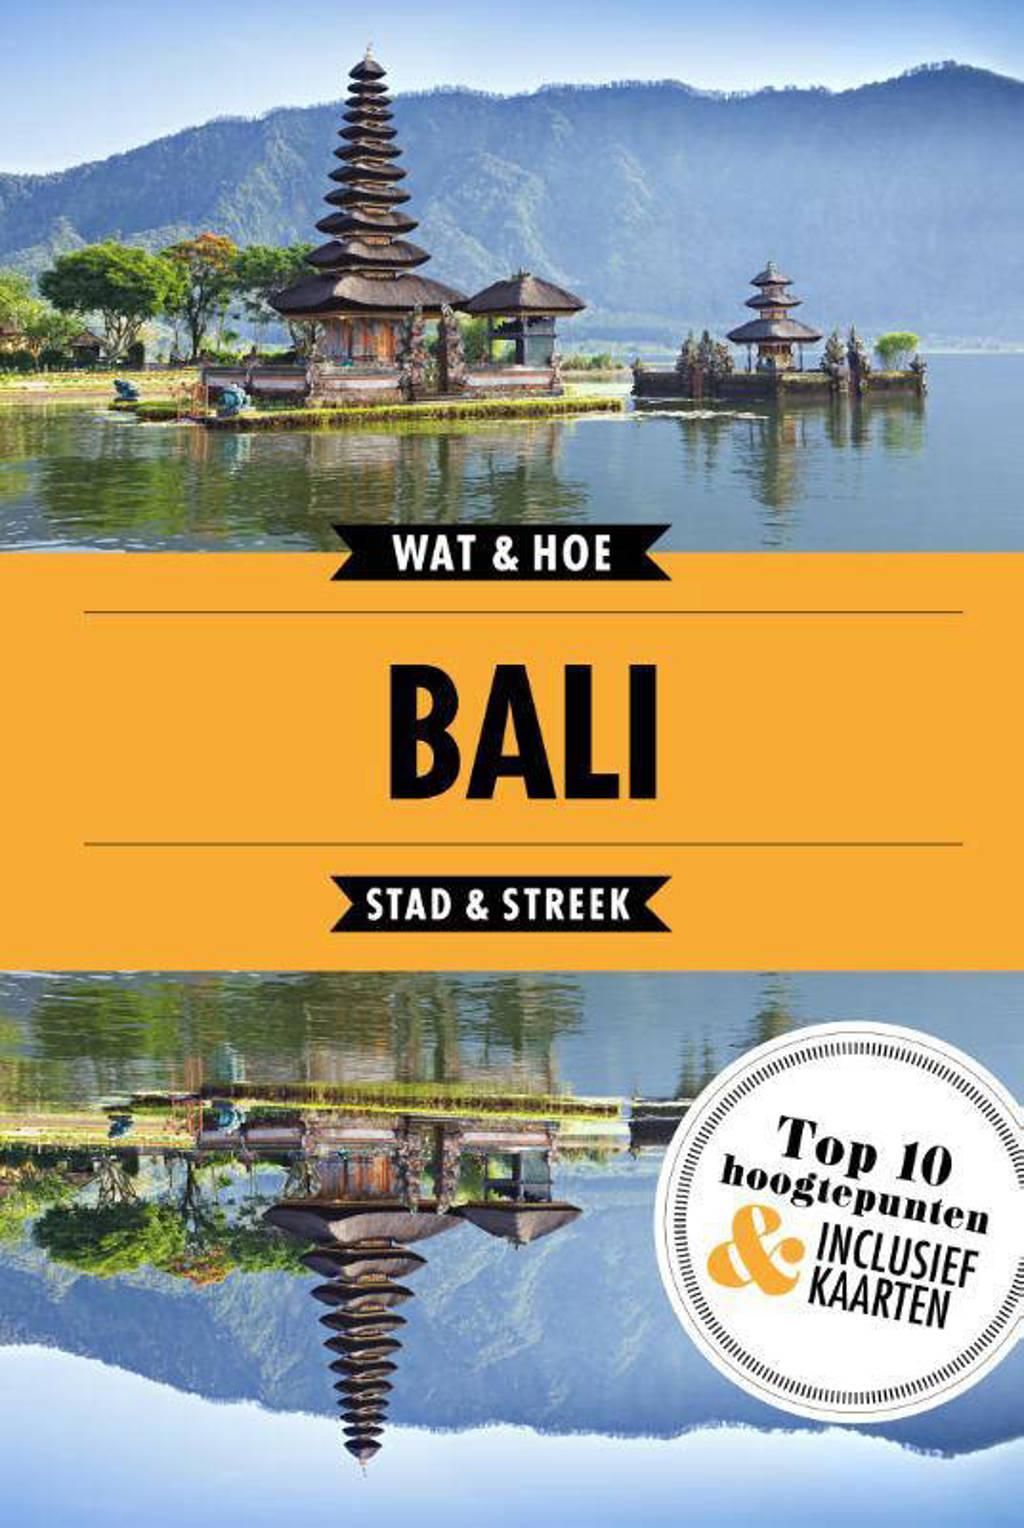 Wat & Hoe Reisgids: Bali - Wat & Hoe Stad & Streek